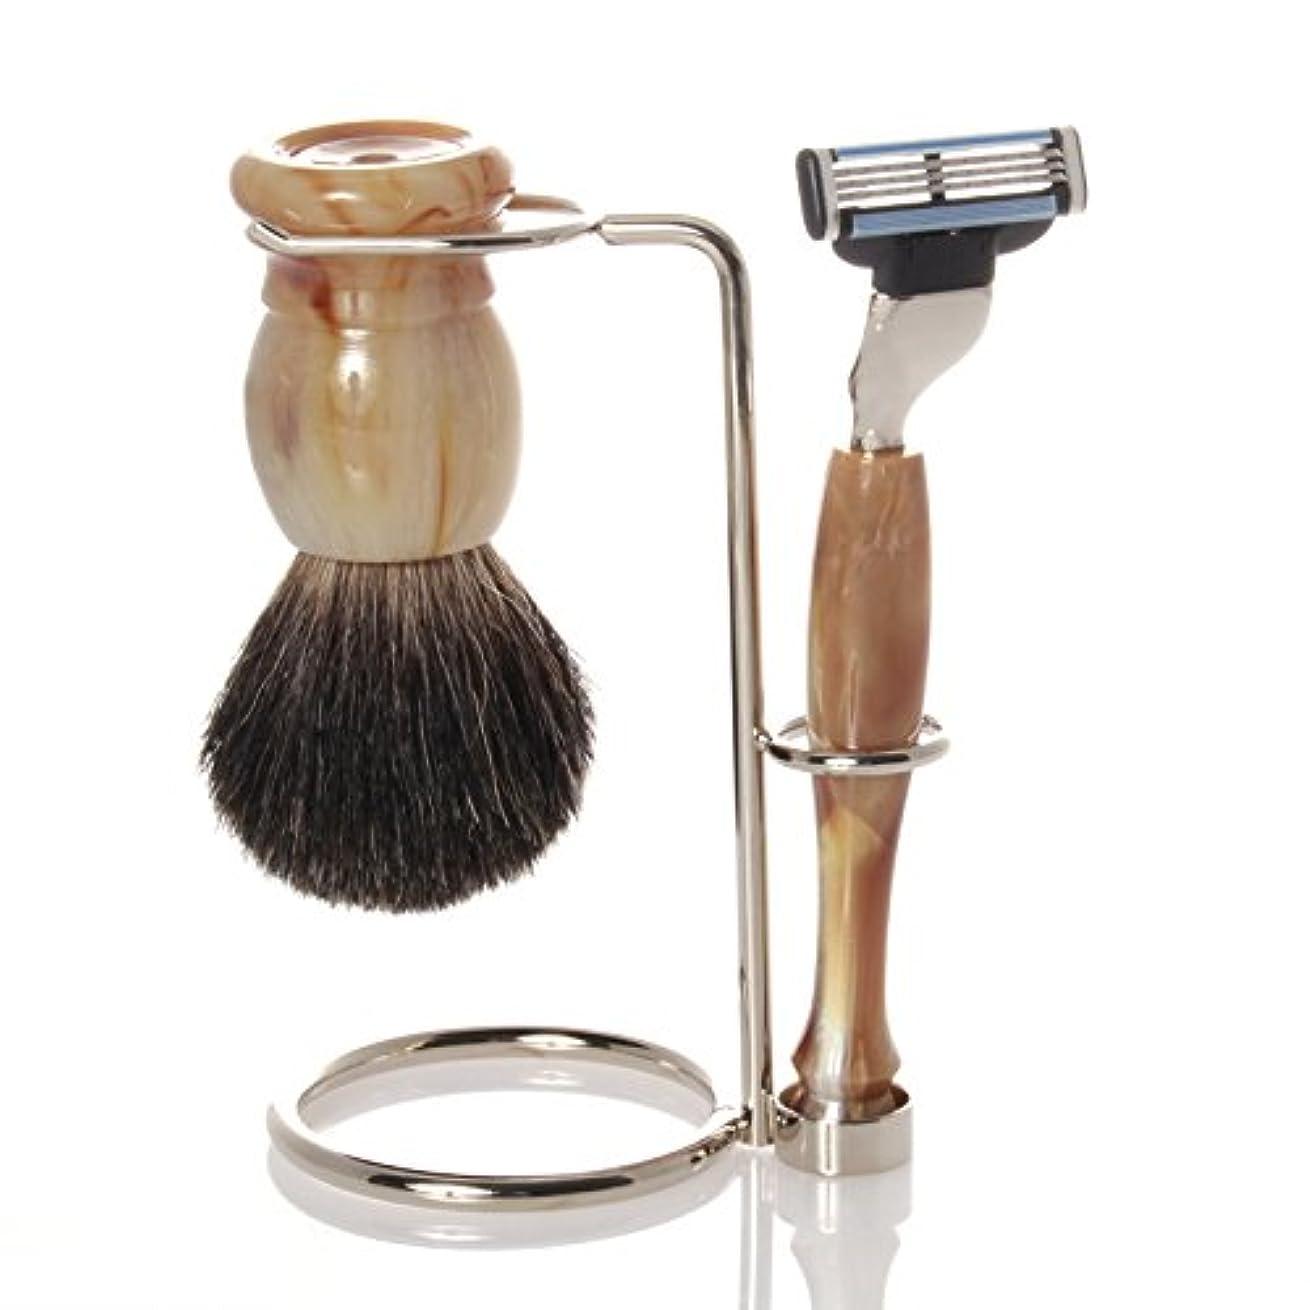 具体的に食料品店早い髭剃りセット、ホルダー、グレー?オジャー?ブラシ、カミソリ- Hans Baier Exclusive